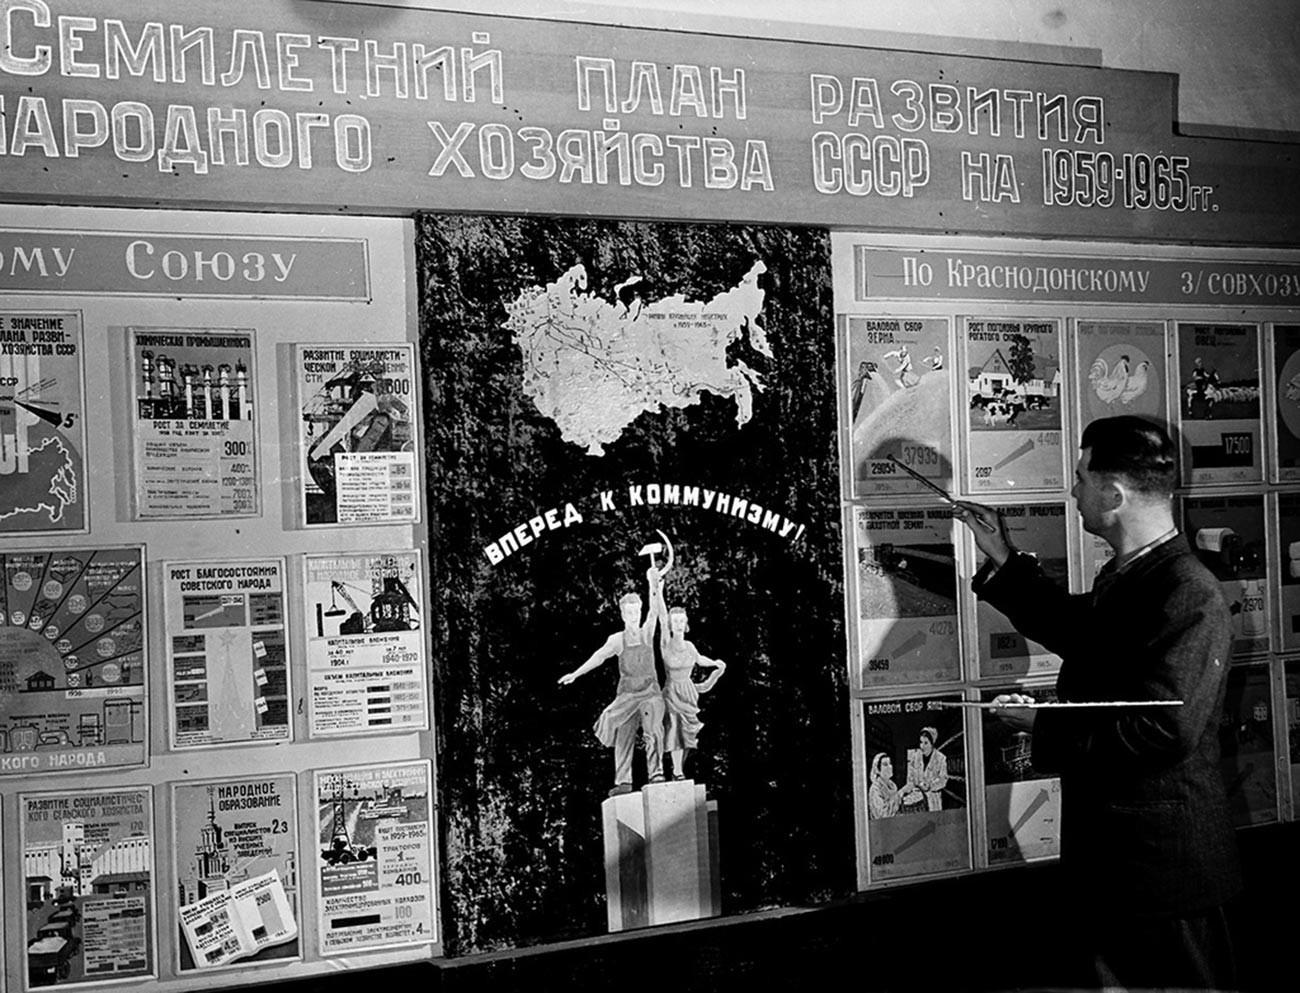 Fiodor Frolov, assistant de conducteur de moissonneuse-batteuse, devant le plan septennal de développement de l'agriculture, dans une salle de la Maison de la culture du sovkhoze Krasnodonski. Kazakhstan, 1959